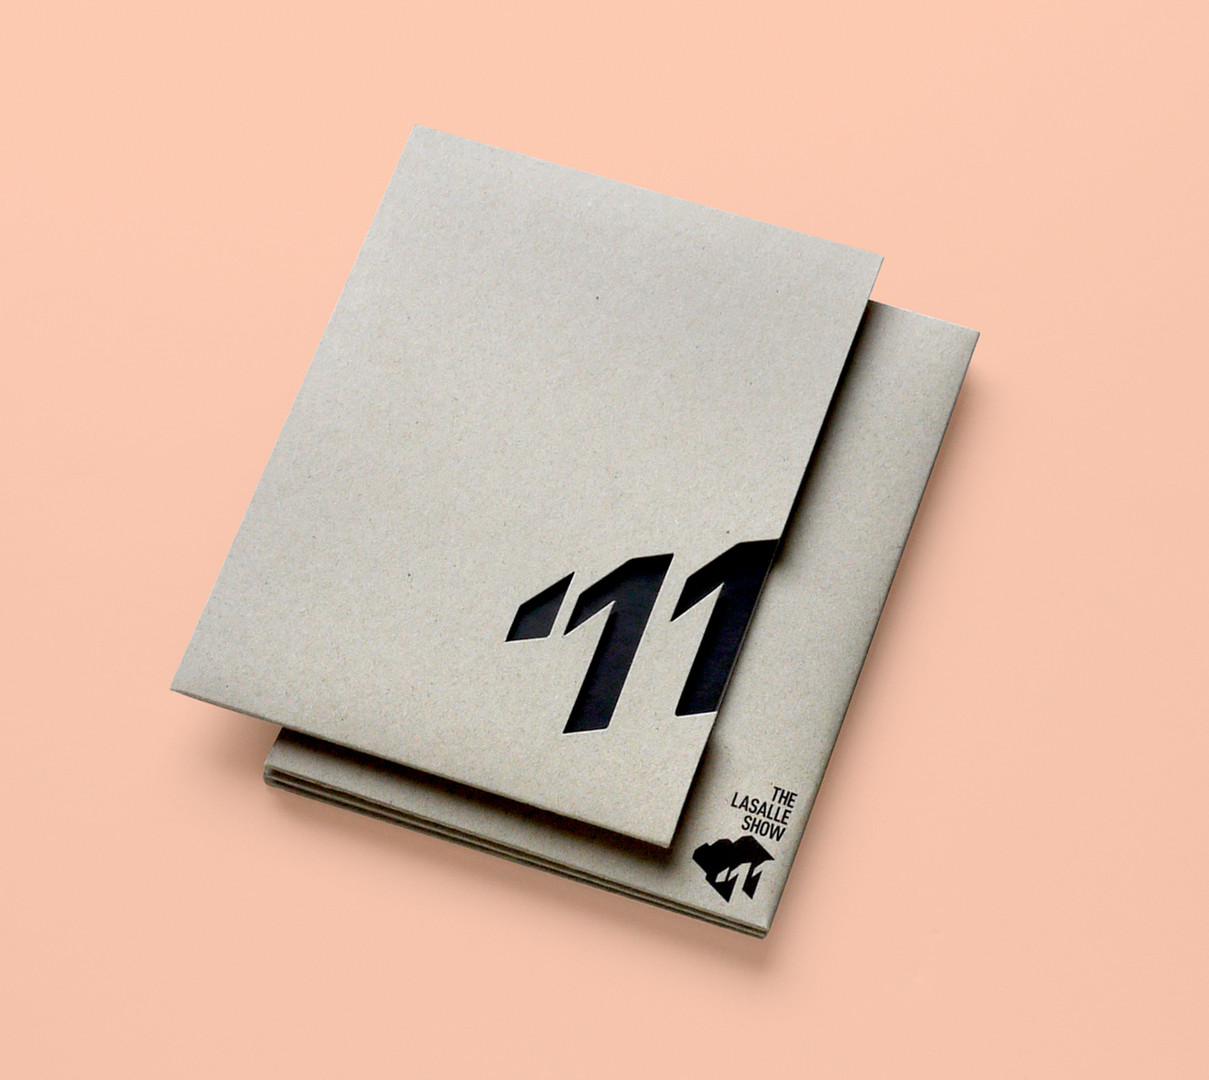 TLS_2011_Invite_1.jpg